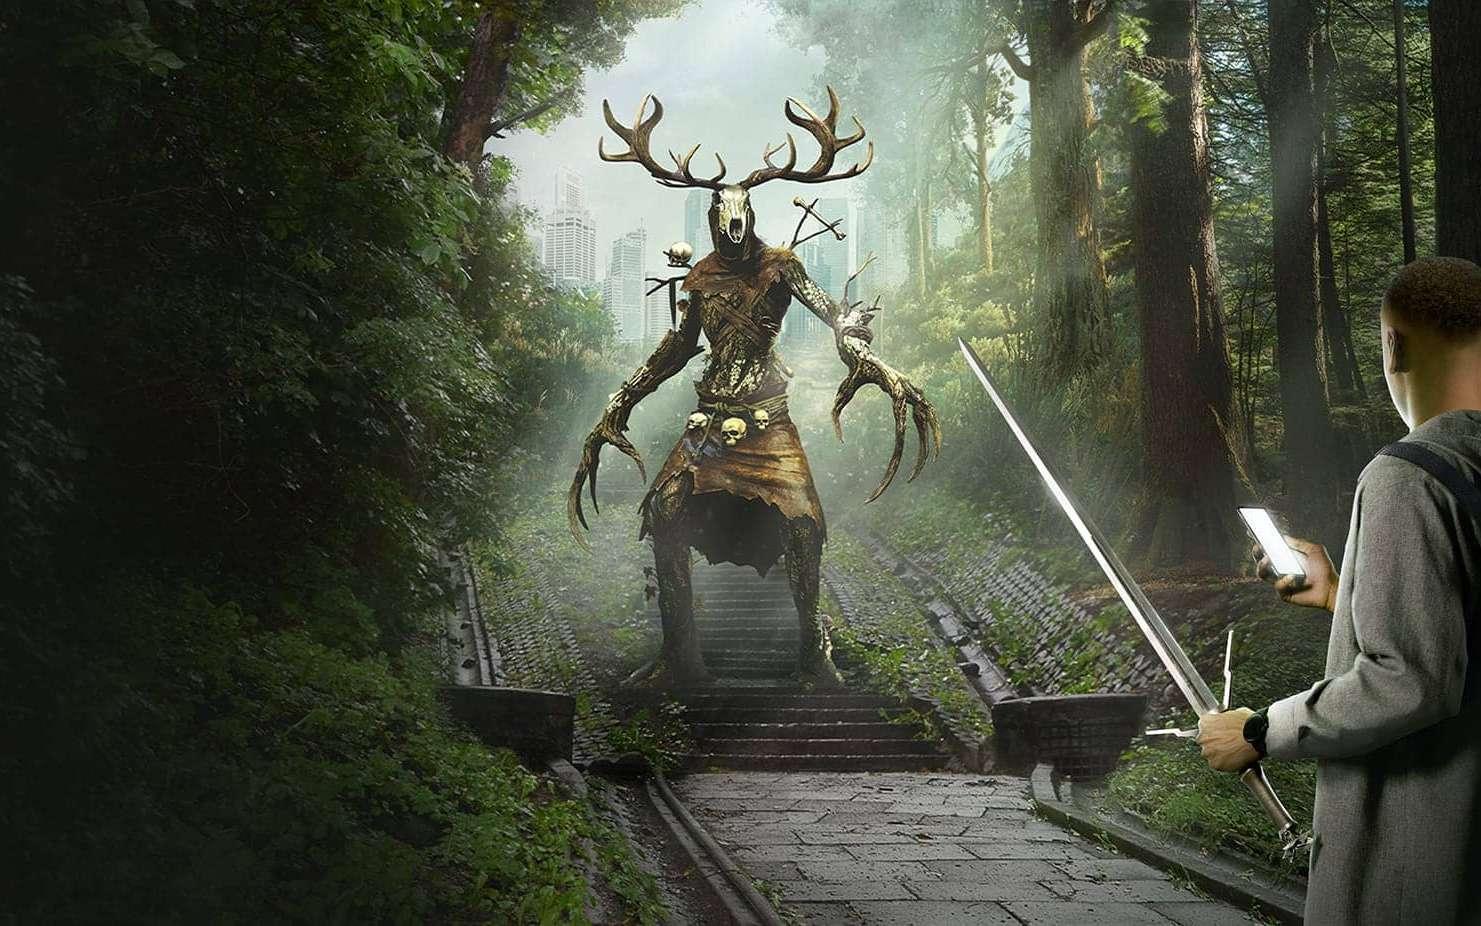 Le nouveau jeu The Witcher: Monster Slayer permettra de chasser des monstres en parcourant le monde réel. © CD Projekt